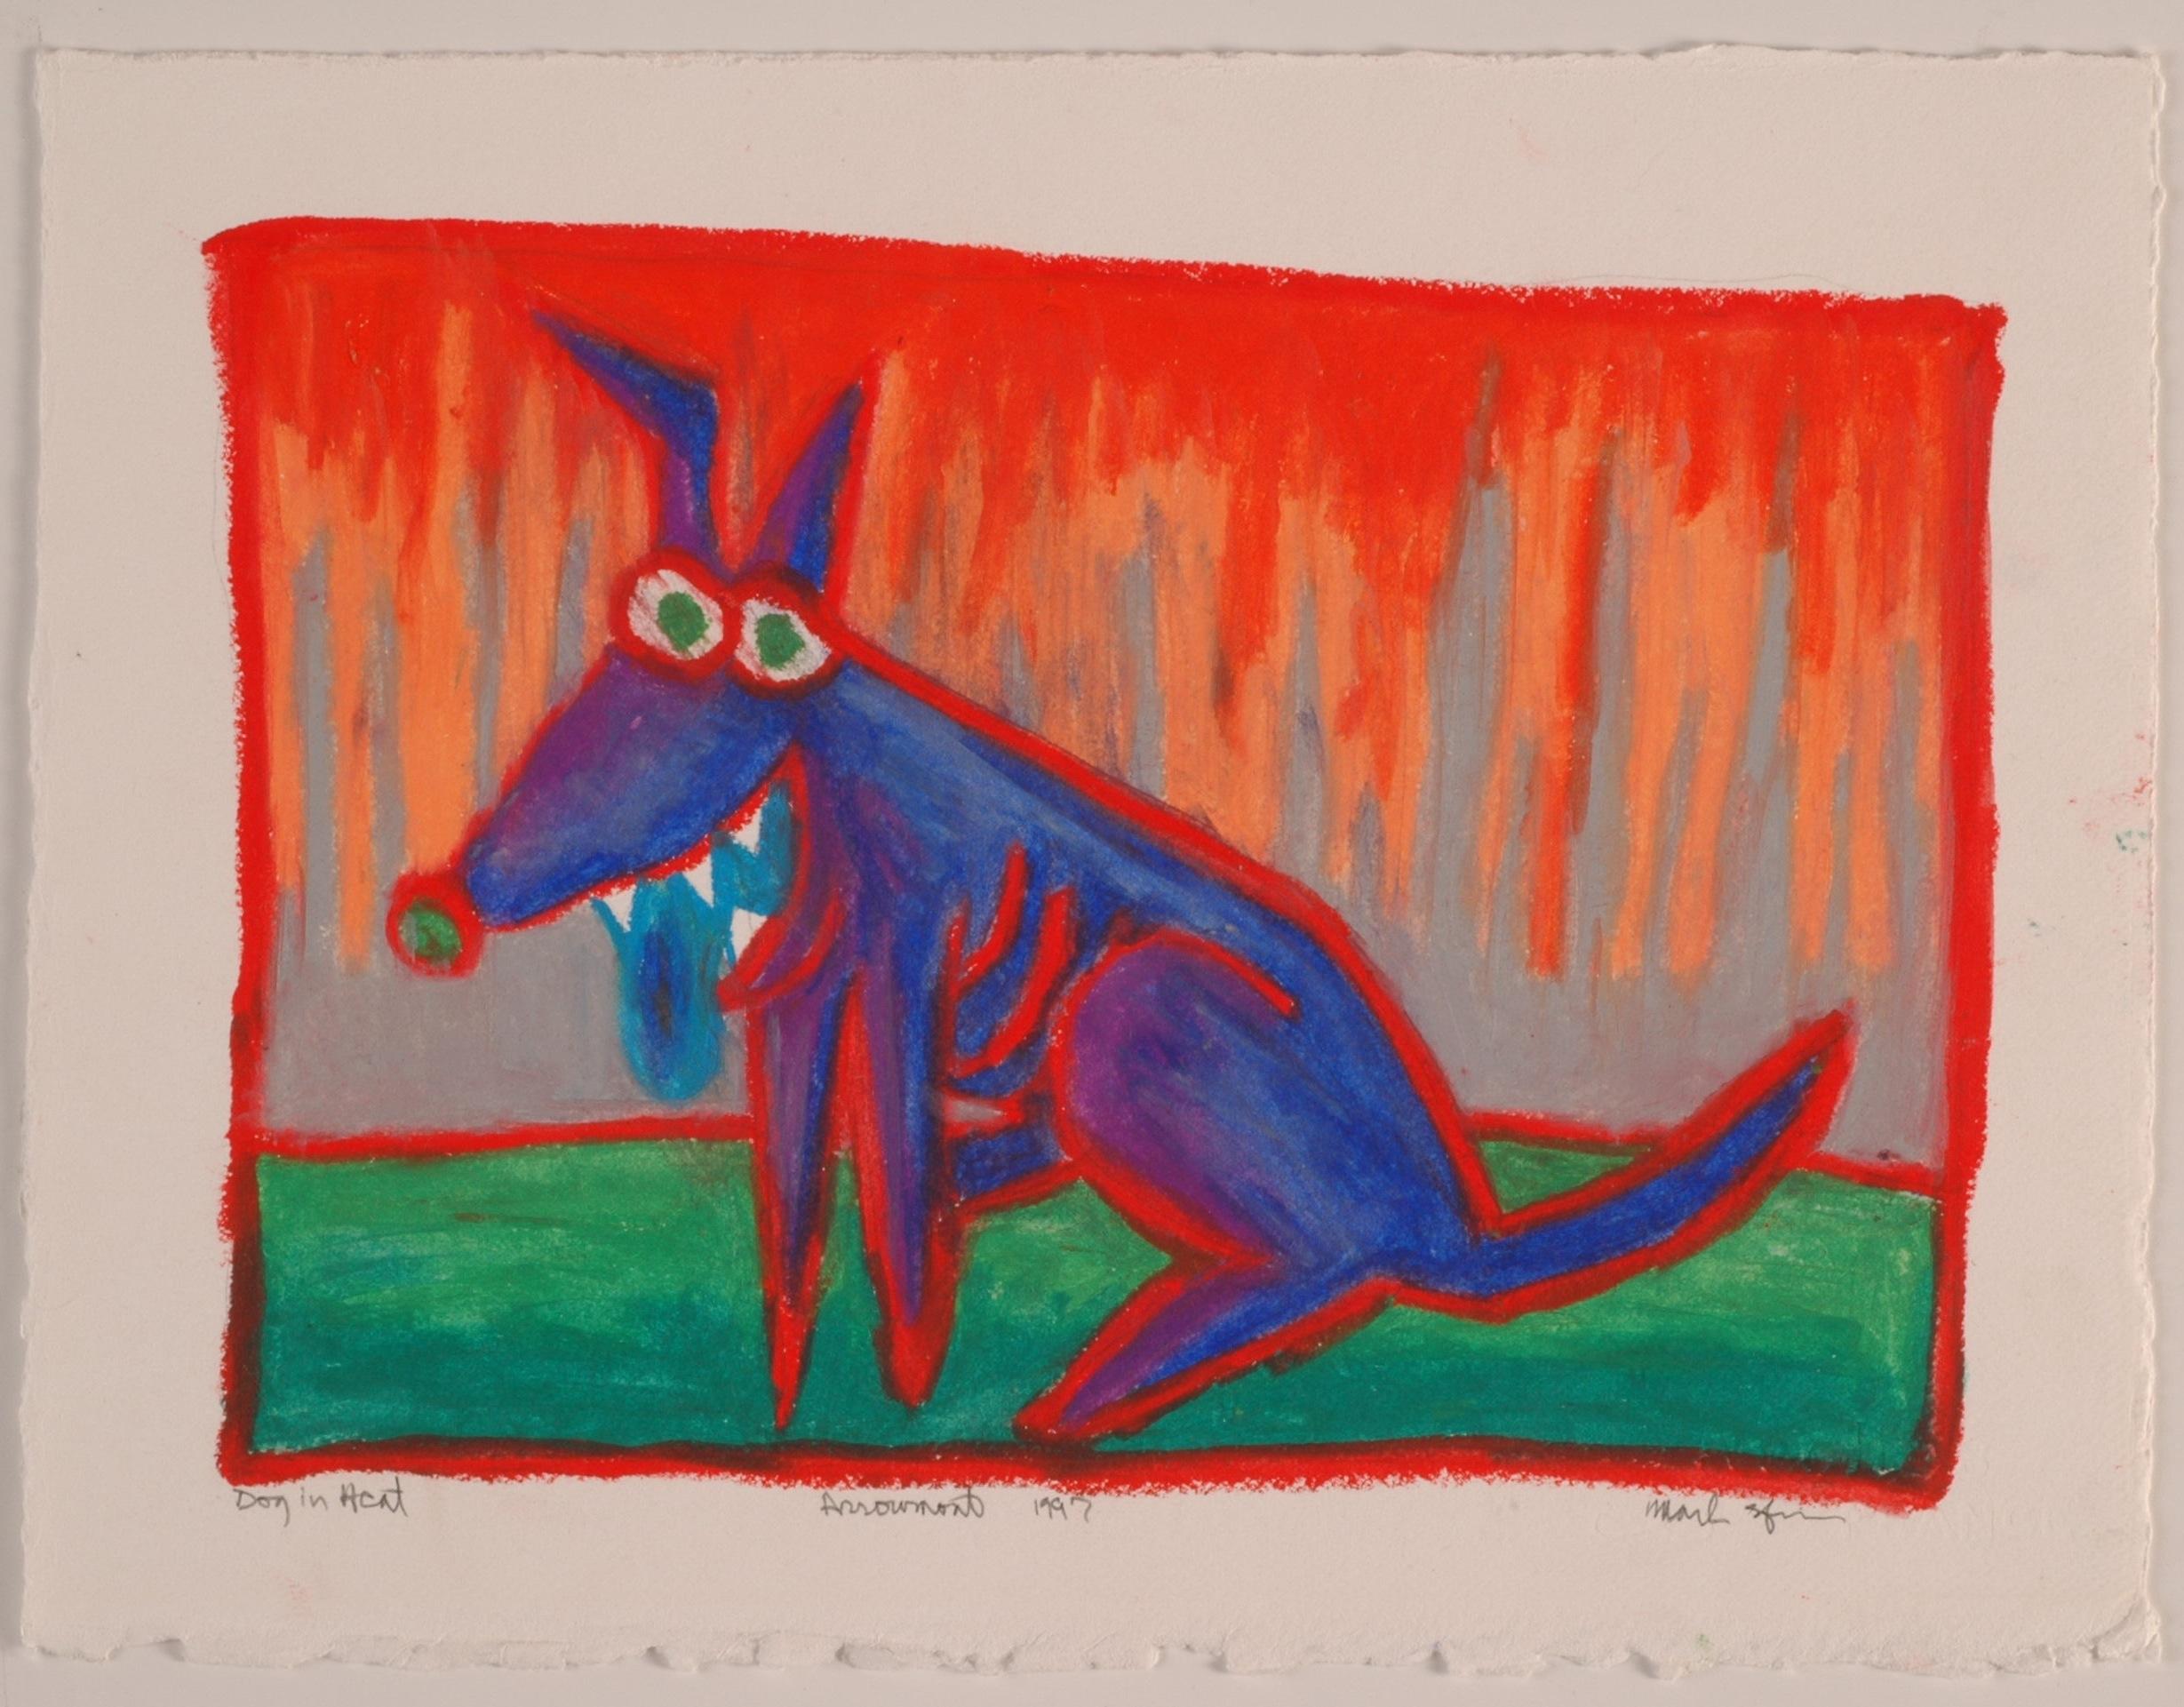 Dog in Heat- Arrowmont 1997, Oil Pastel